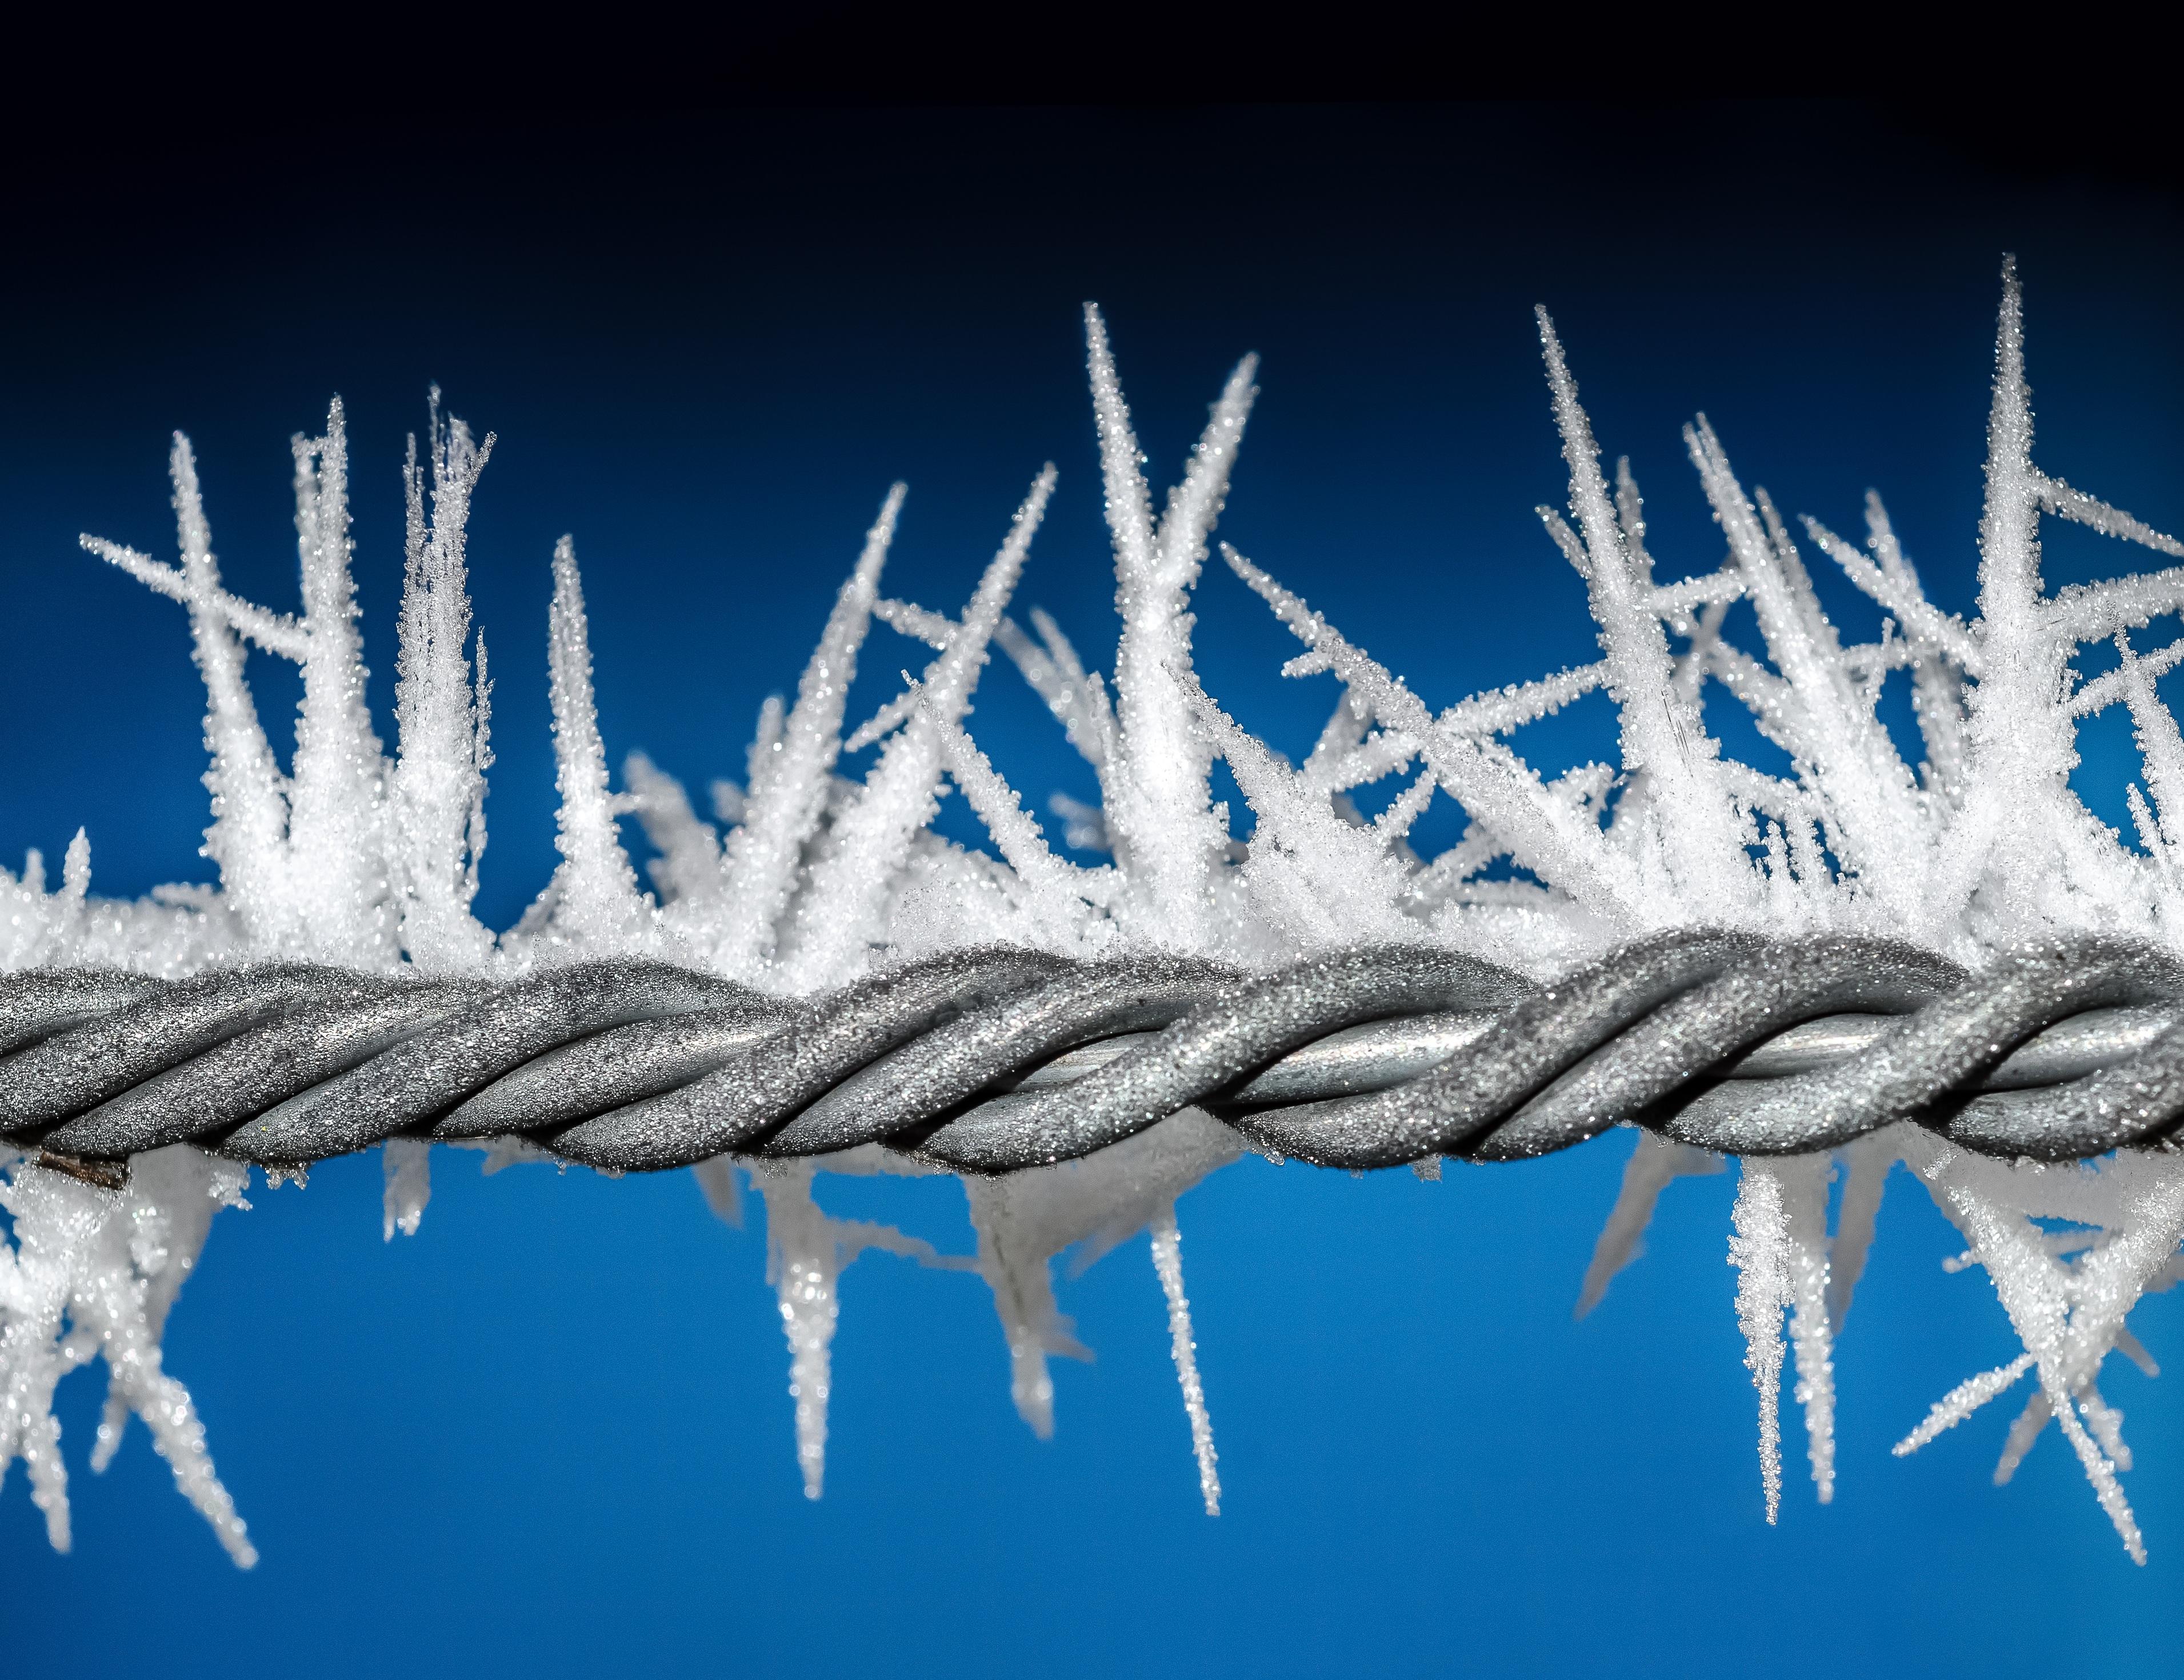 Kostenlose foto : draussen, Ast, Schnee, kalt, Winter, Zaun, Weiß ...